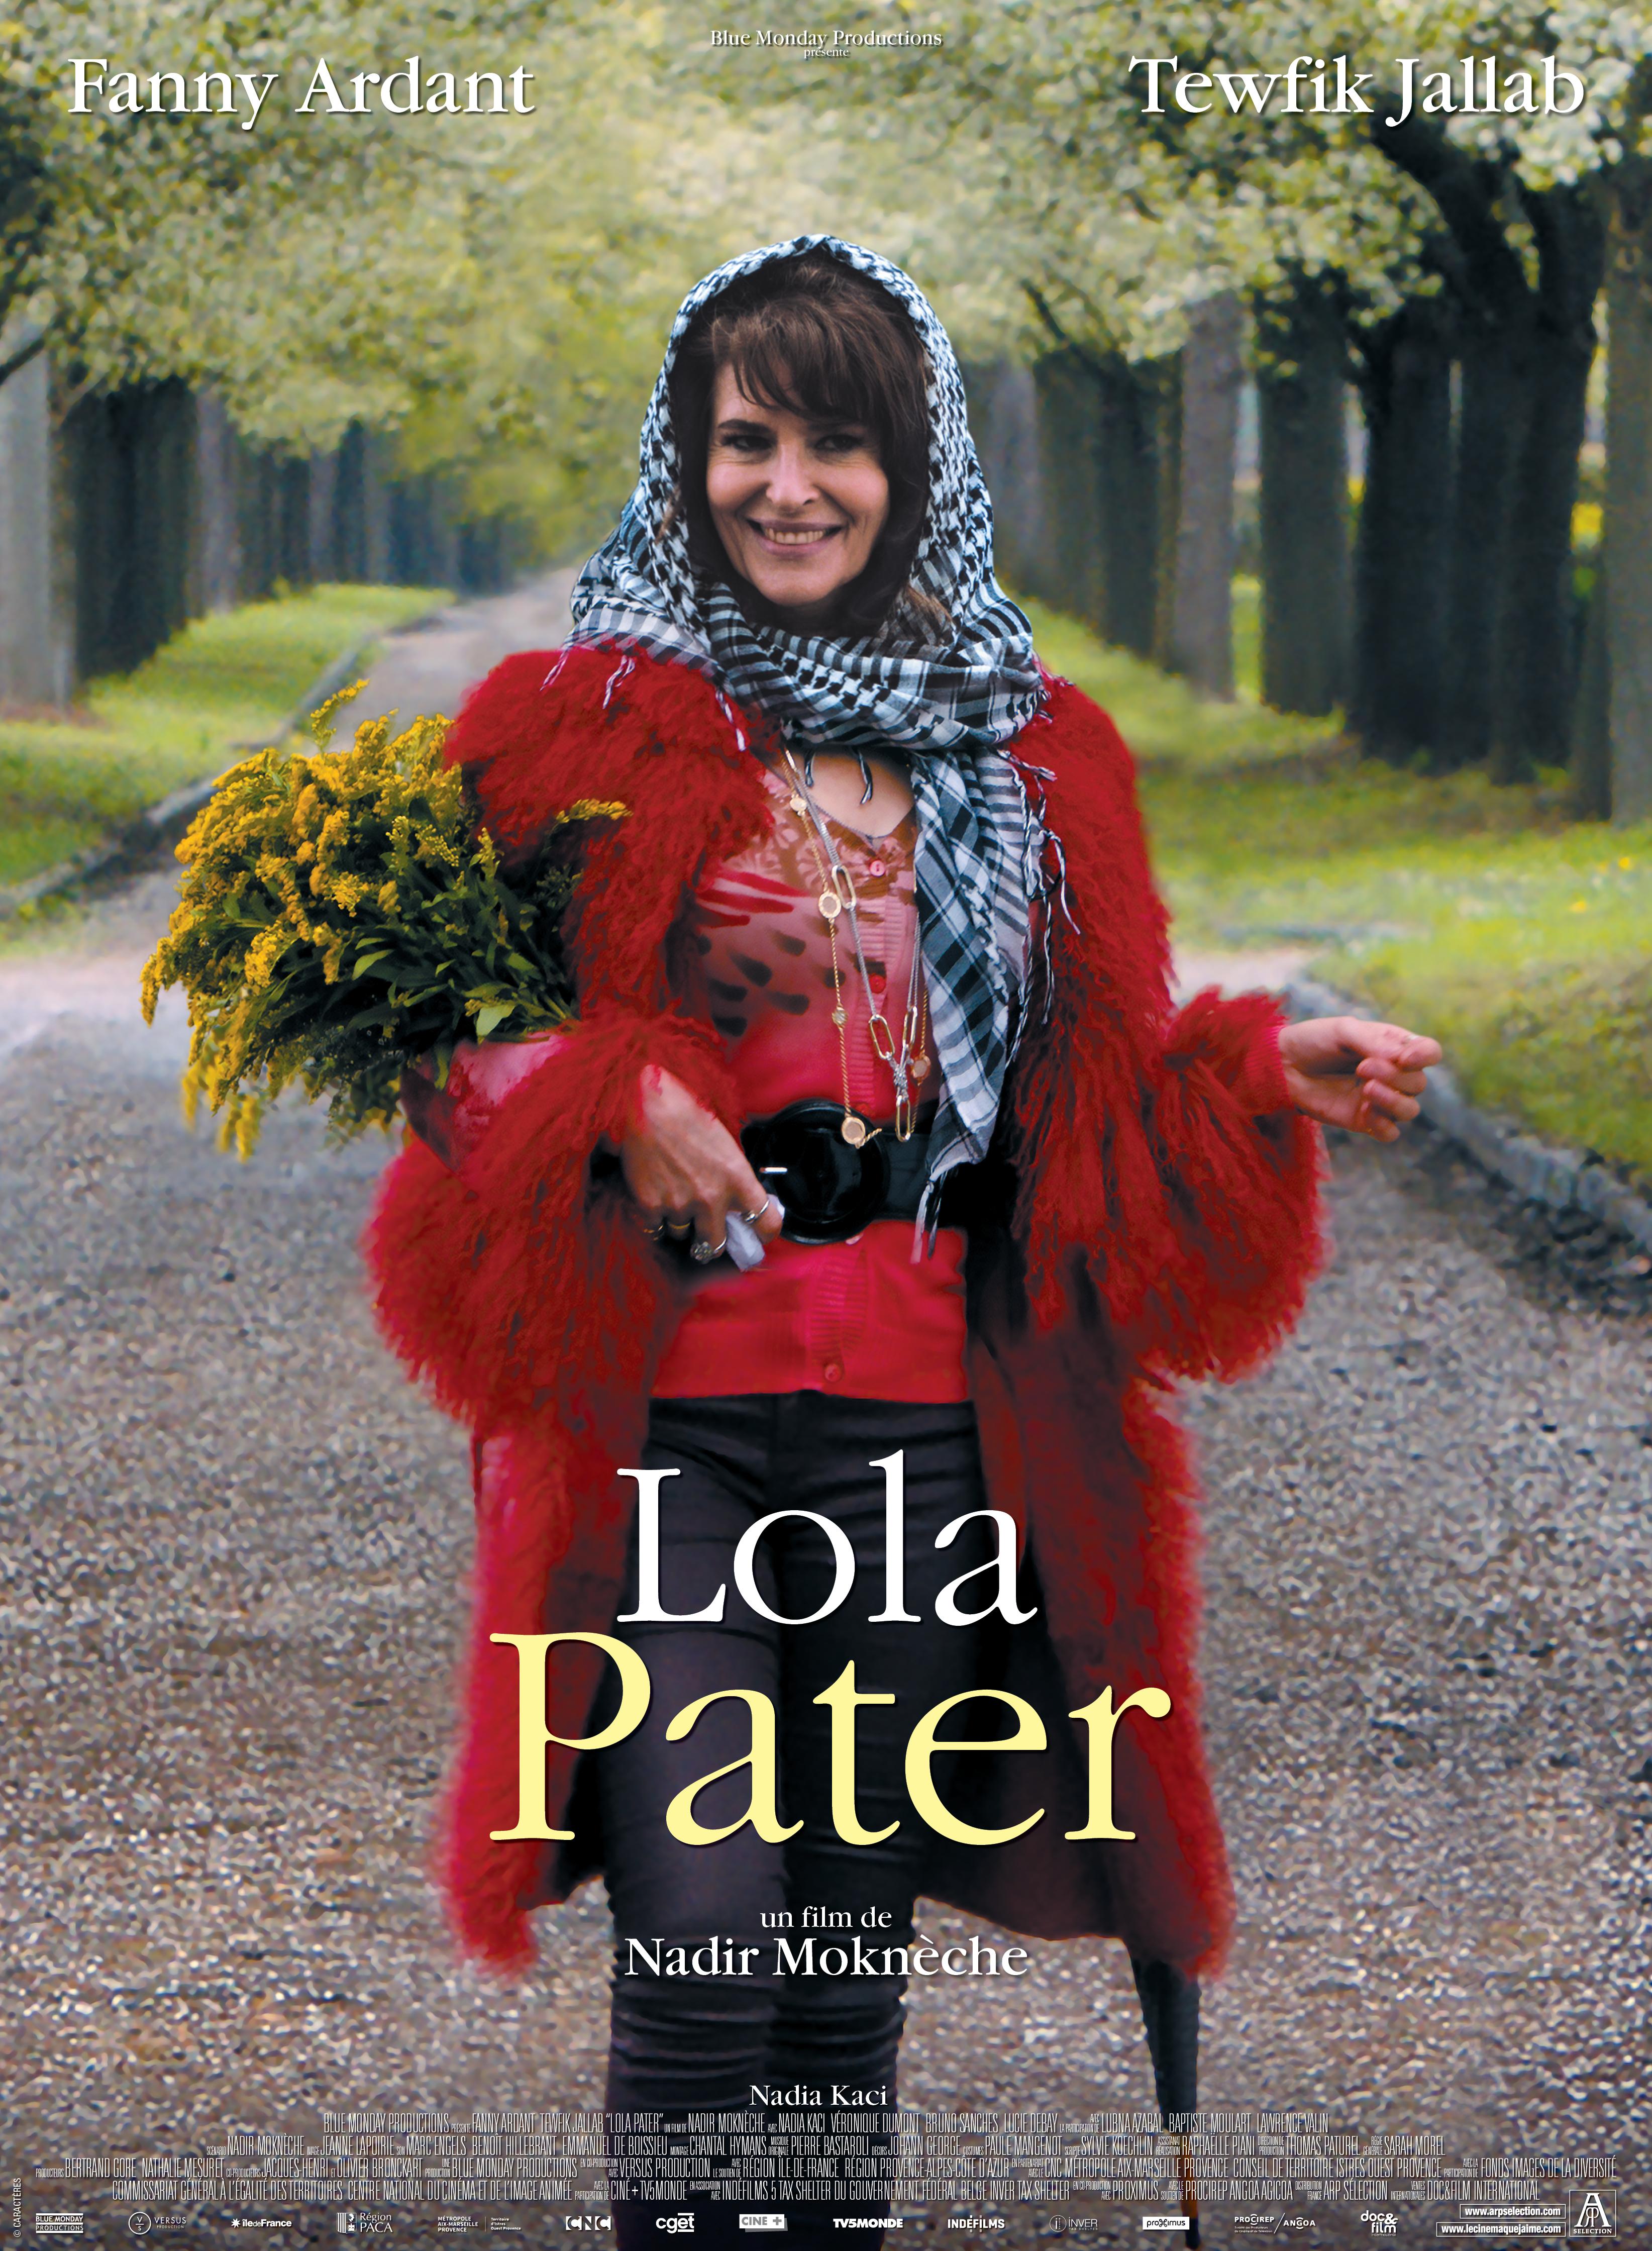 PATER LOLA TÉLÉCHARGER FILM